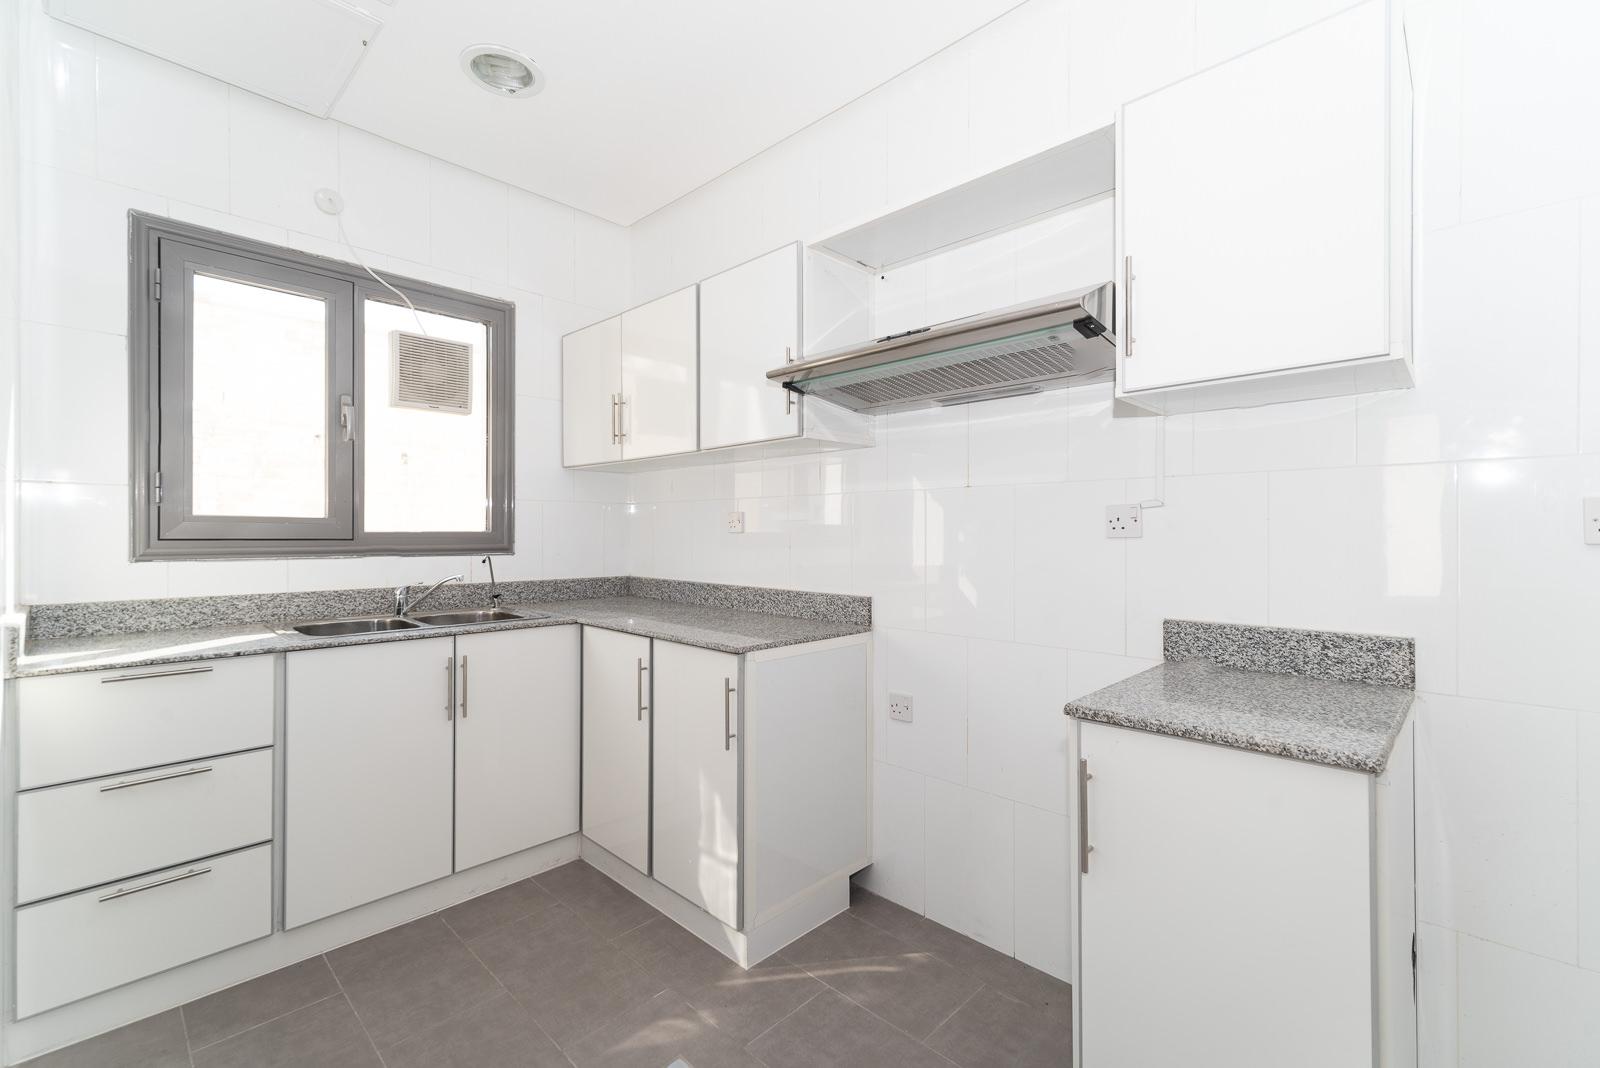 Salmiya – new, unfurnished, three bedroom apartments